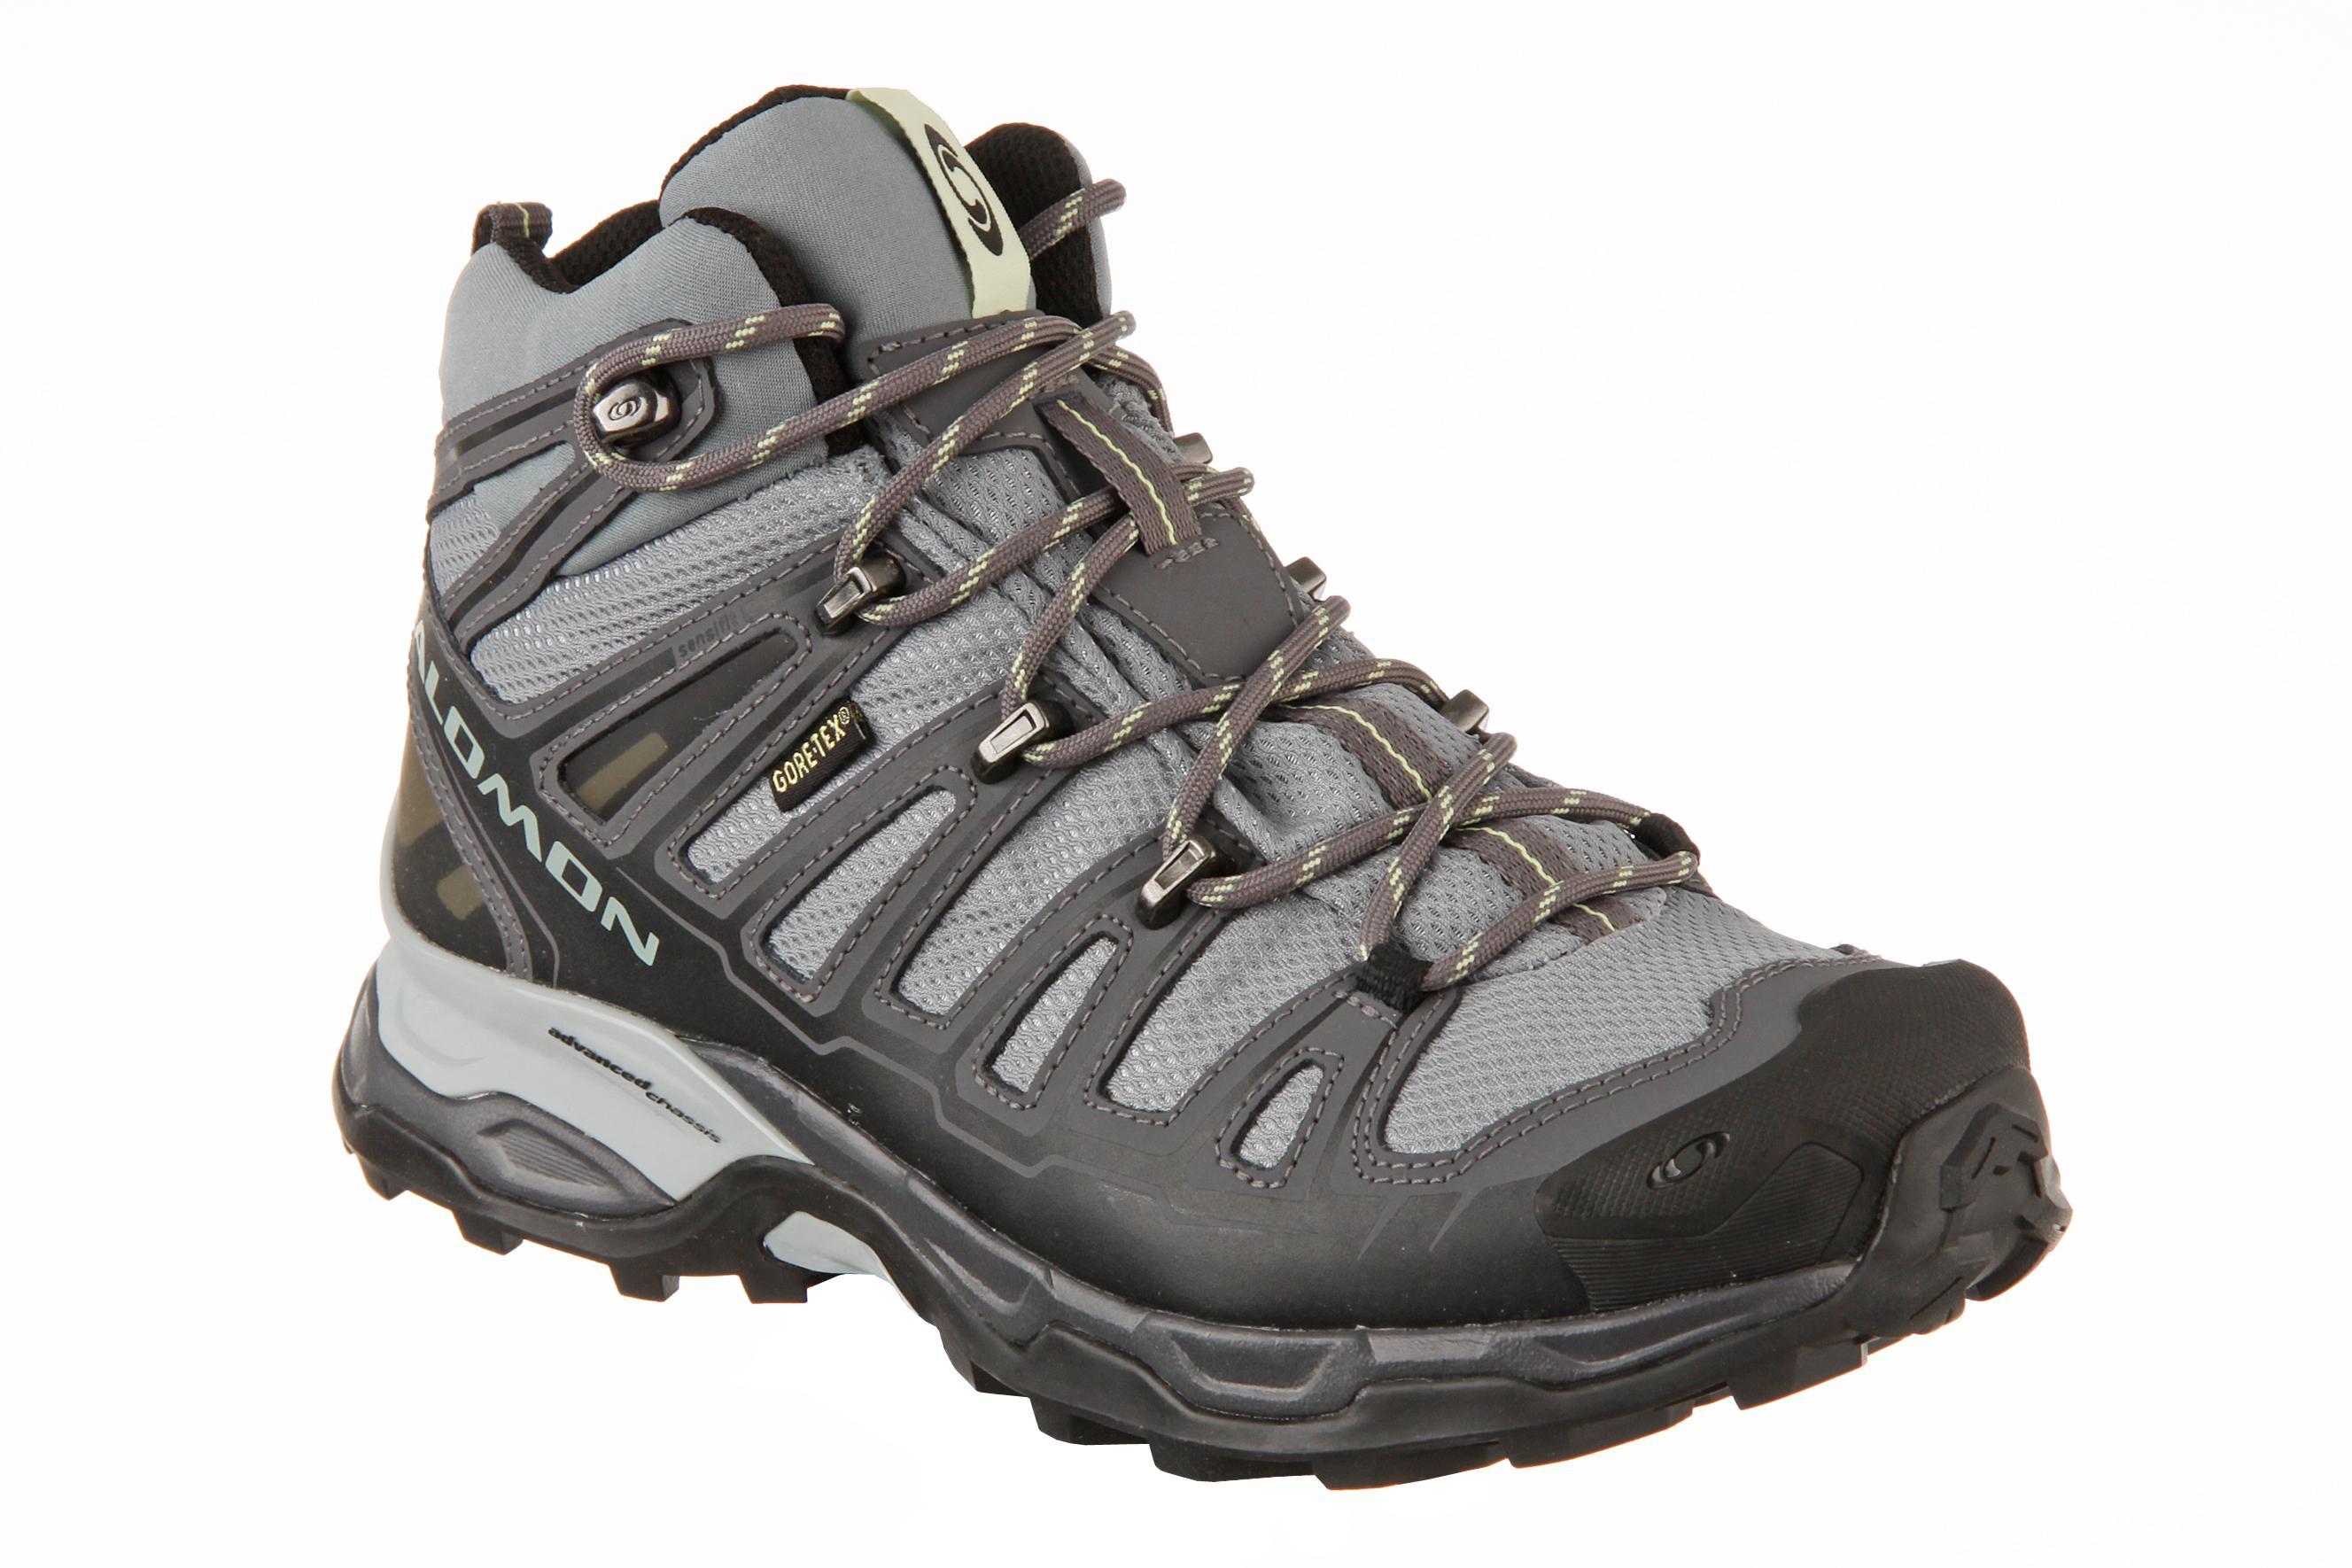 Zapatos Foto 4d De Hombres Gtx Salomon 917116 Quest qIEwOrIT